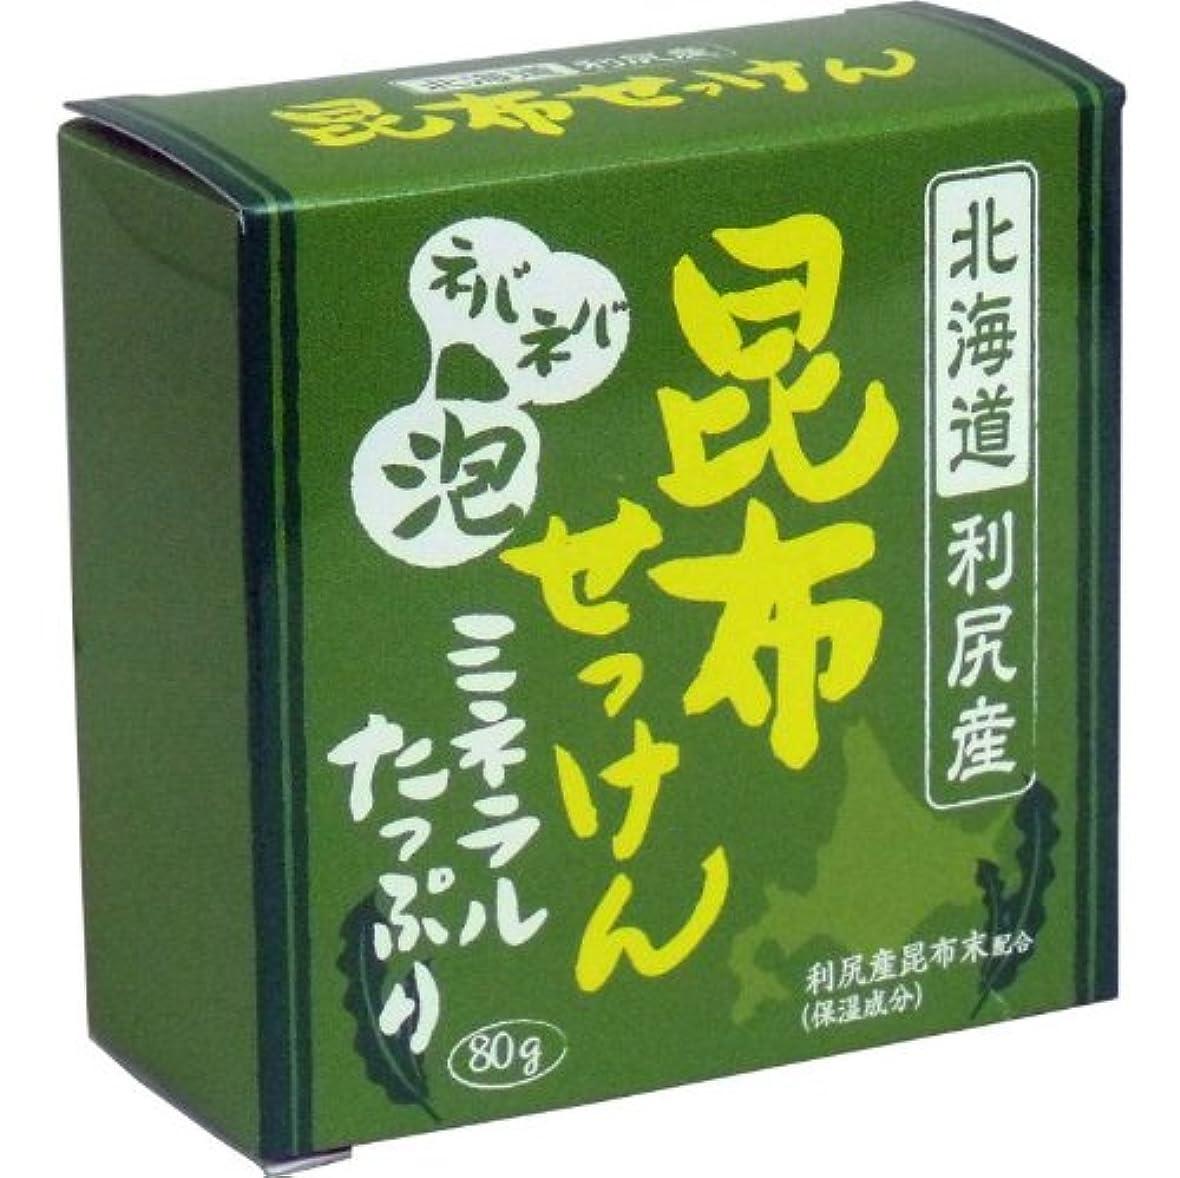 どこにも認めるちっちゃい北海道利尻産昆布末配合!!ミネラルたっぷりの化粧石鹸です!3個セット